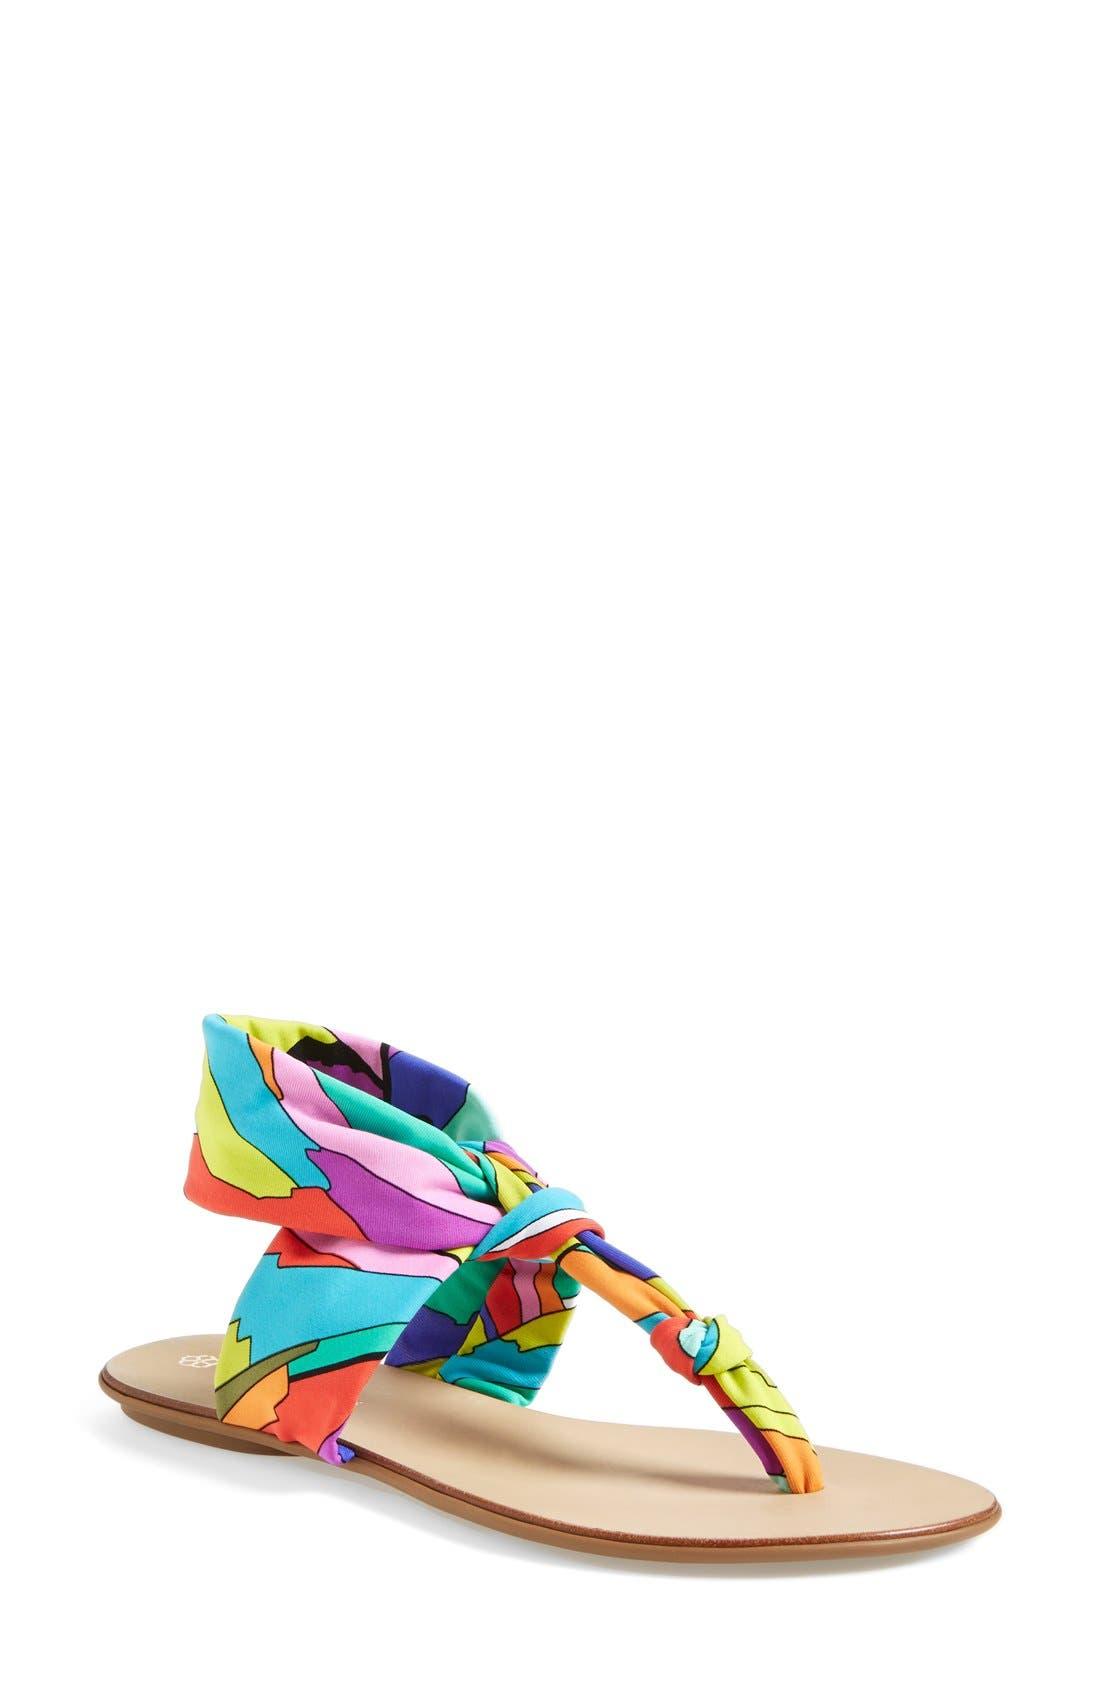 Alternate Image 1 Selected - Trina Turk 'Titus' Thong Sandal (Women)